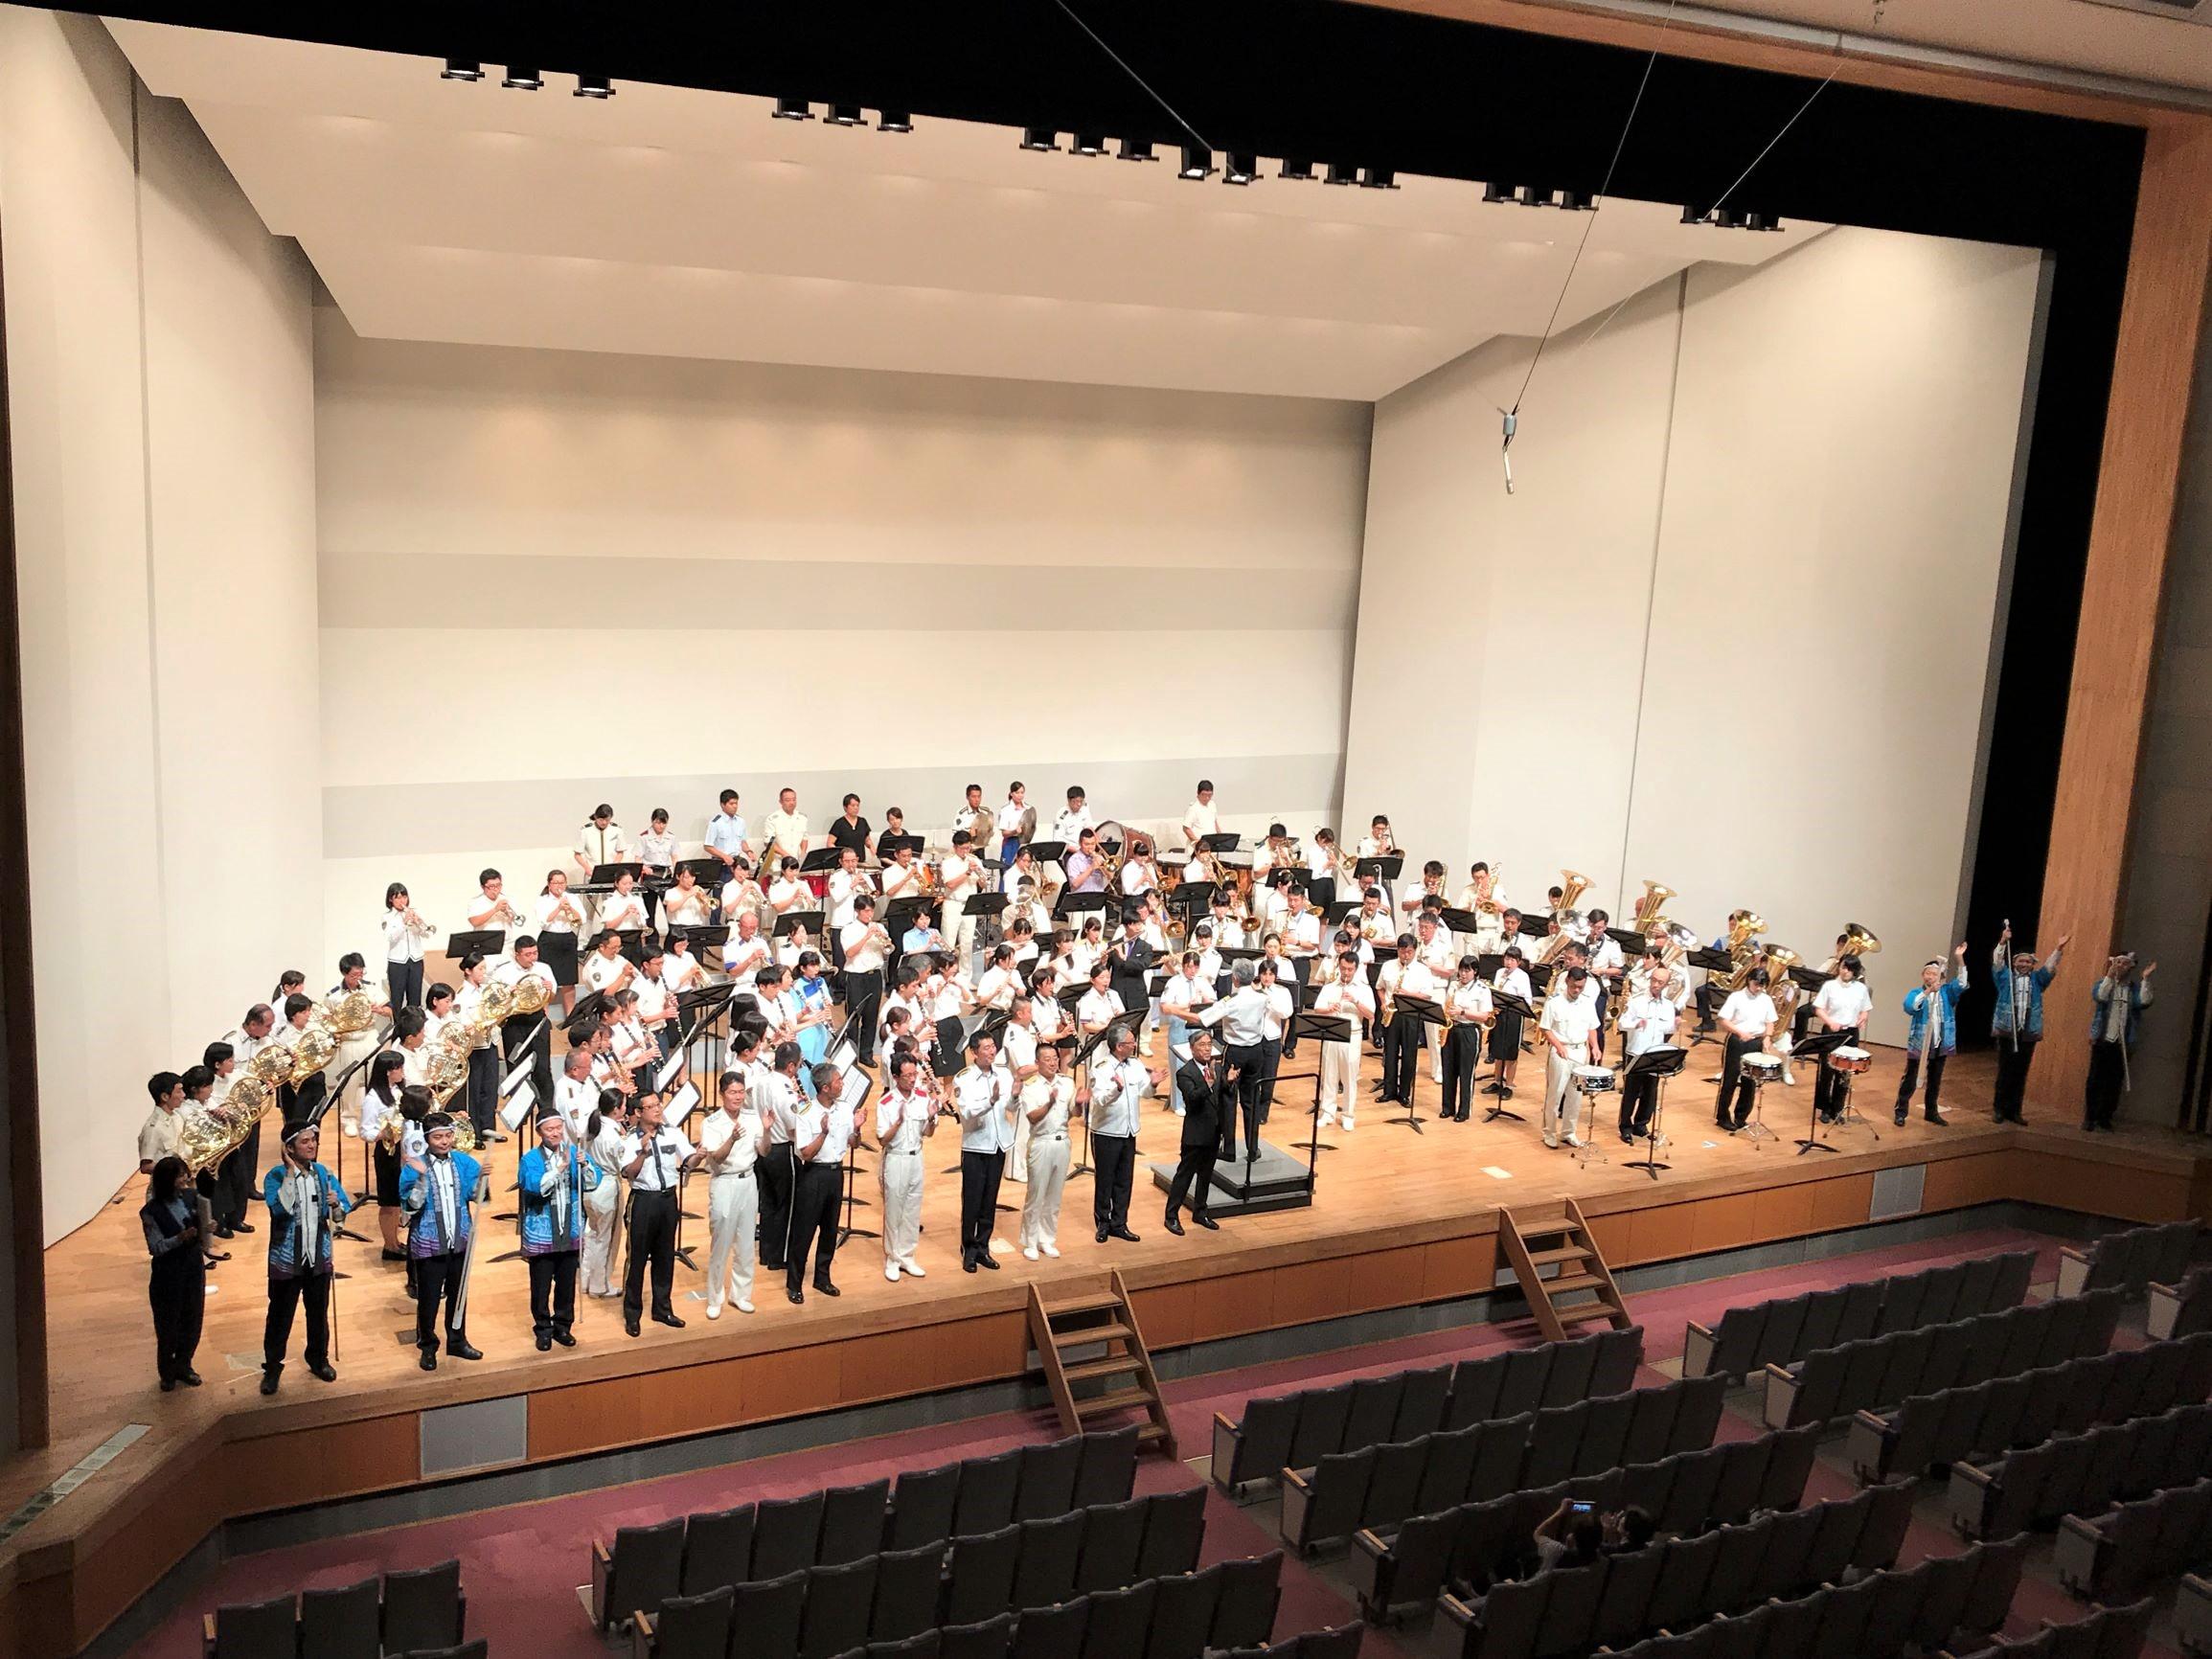 学生も加わって「2018警察音楽隊研修会 吹奏楽コンサート」が開催されました!